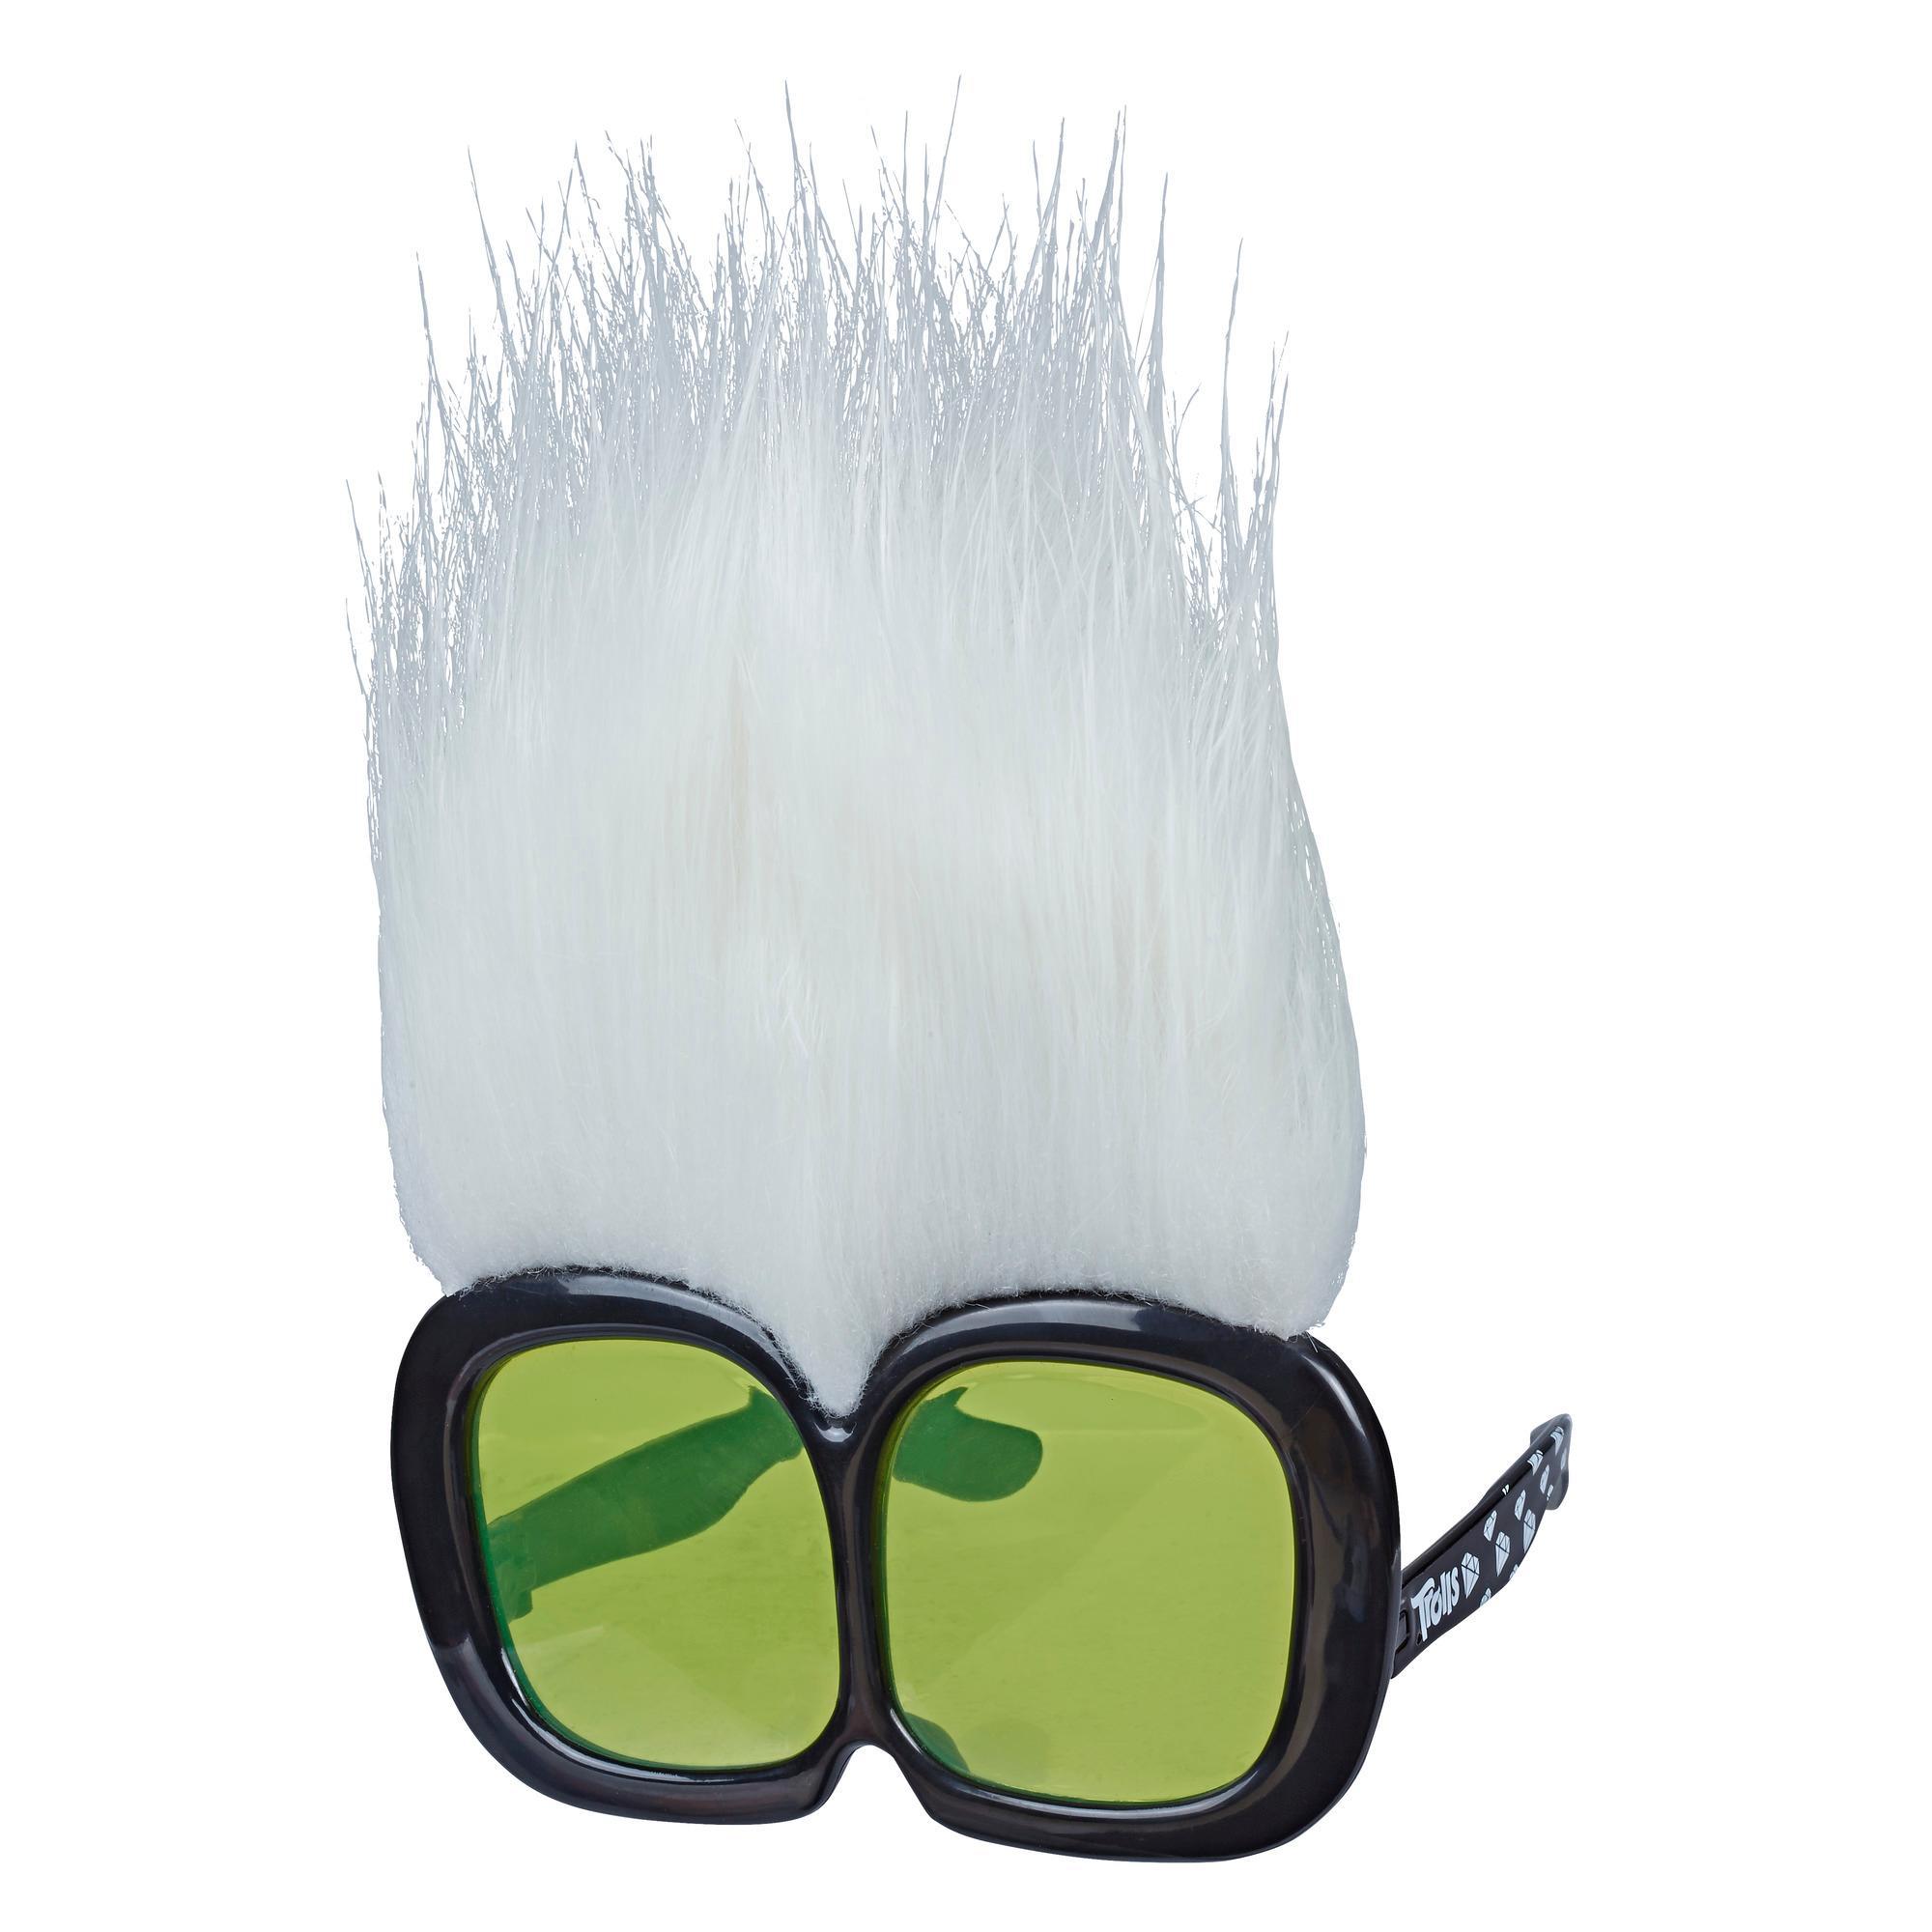 DreamWorks Trolls - Look disco de Mini Diamantino - Divertidos lentes oscuros de juguete inspirados en la película Trolls: World Tour